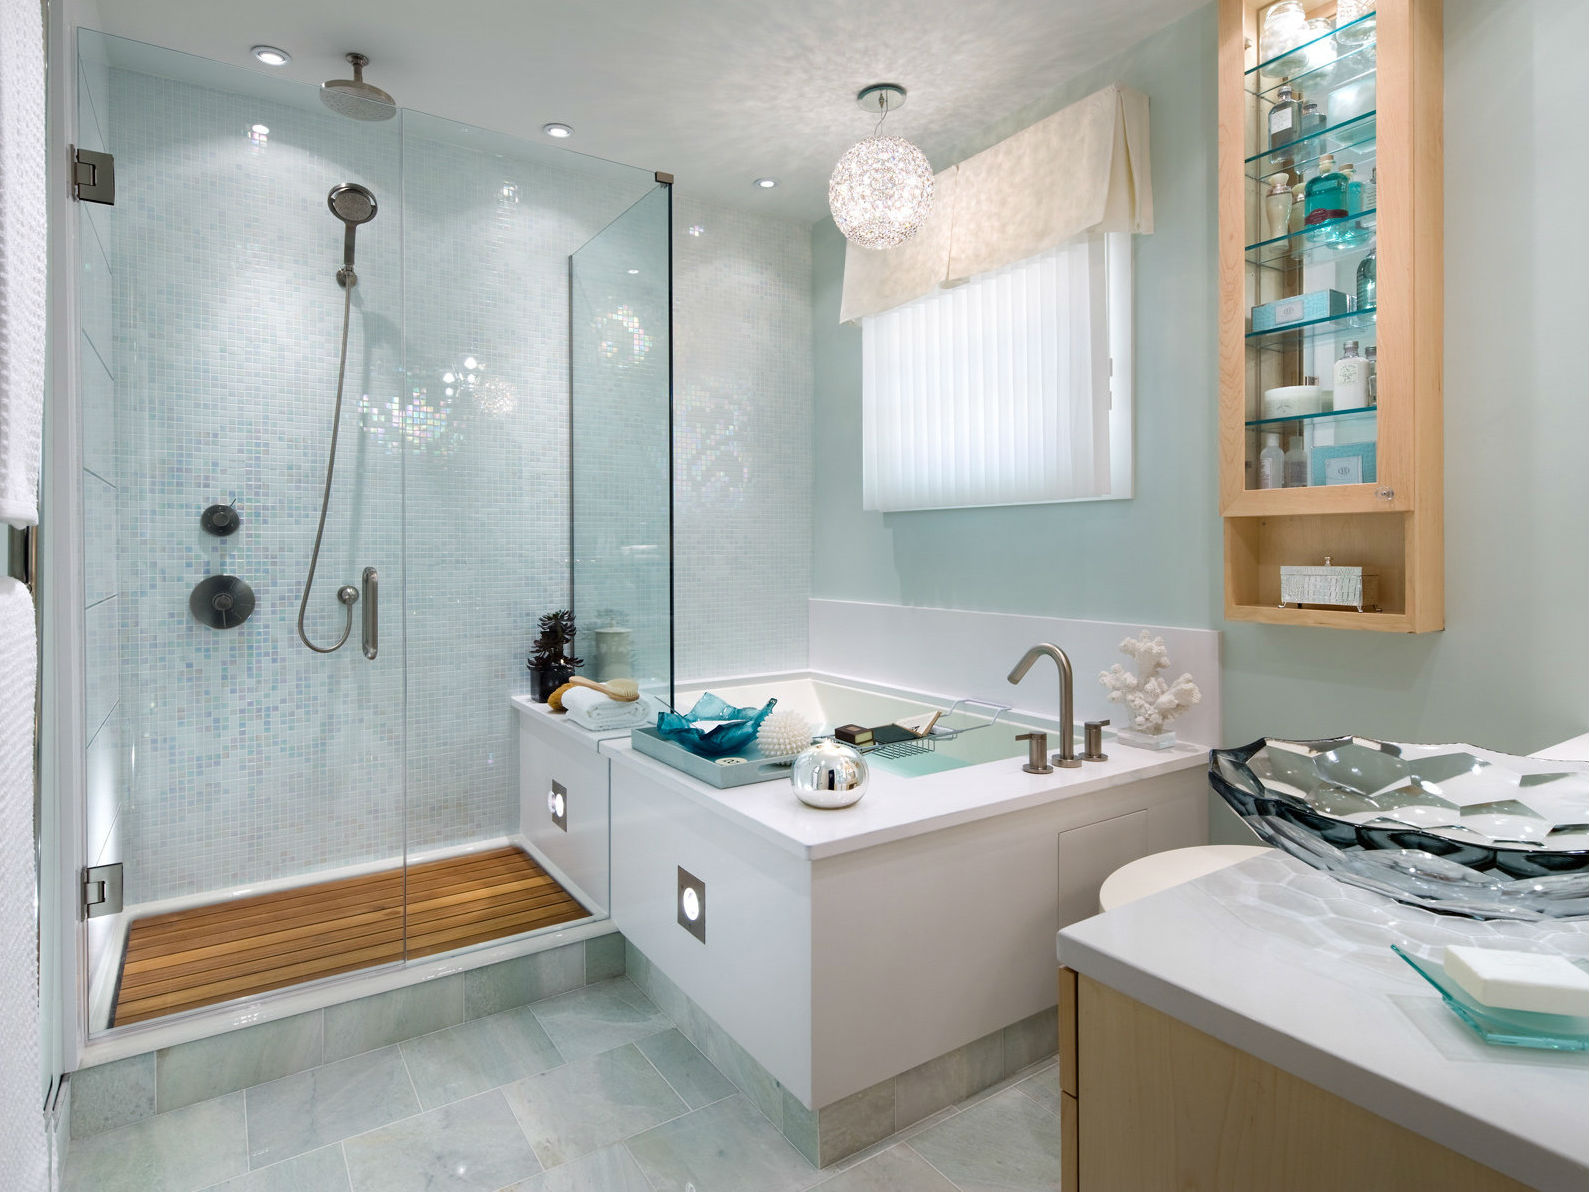 Интерьер ванной комнаты: 75 фото идей дизайна